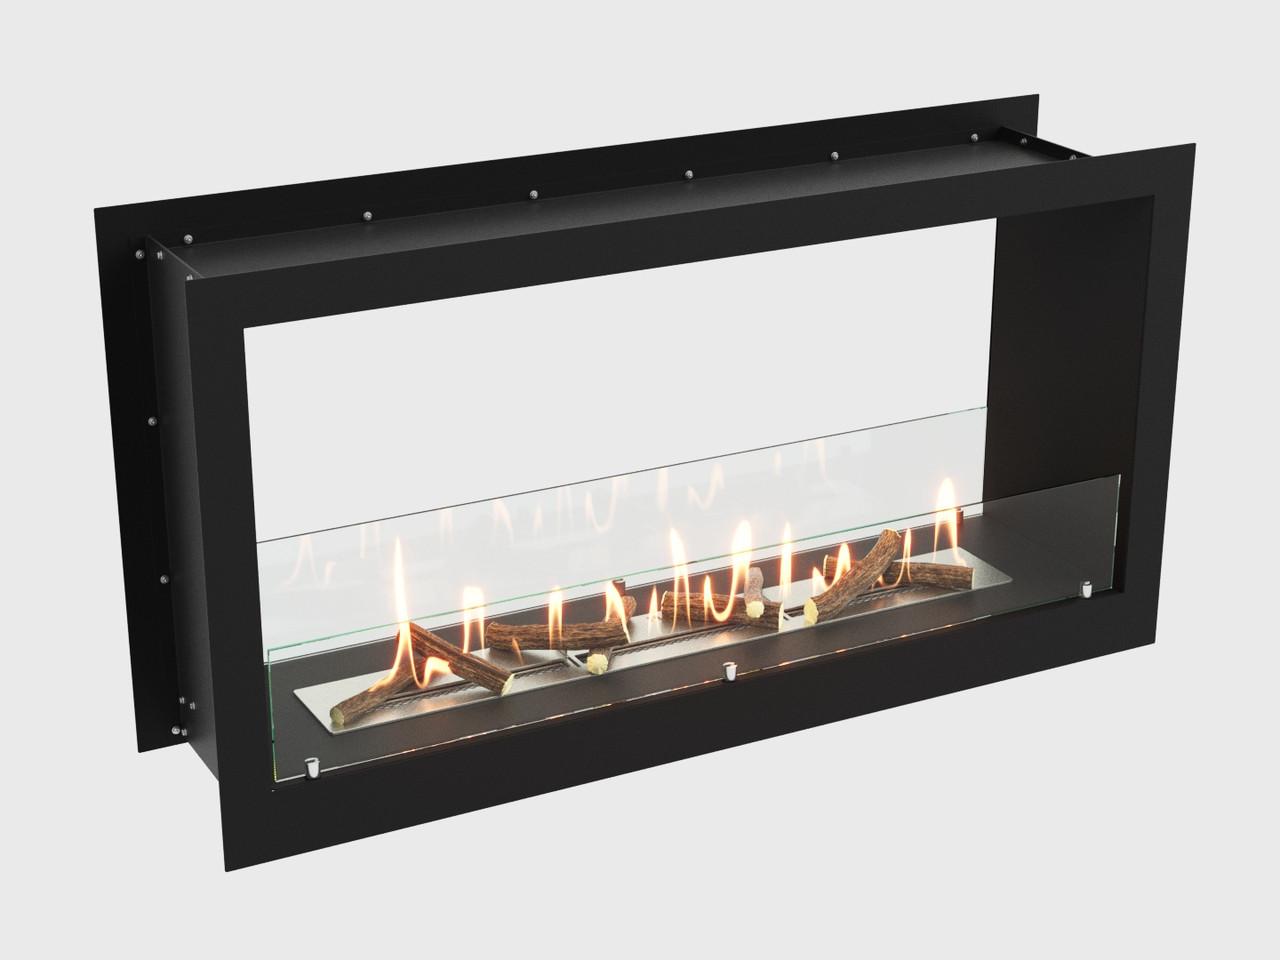 Встроенный биокамин Lux Fire Сквозной 1210 М